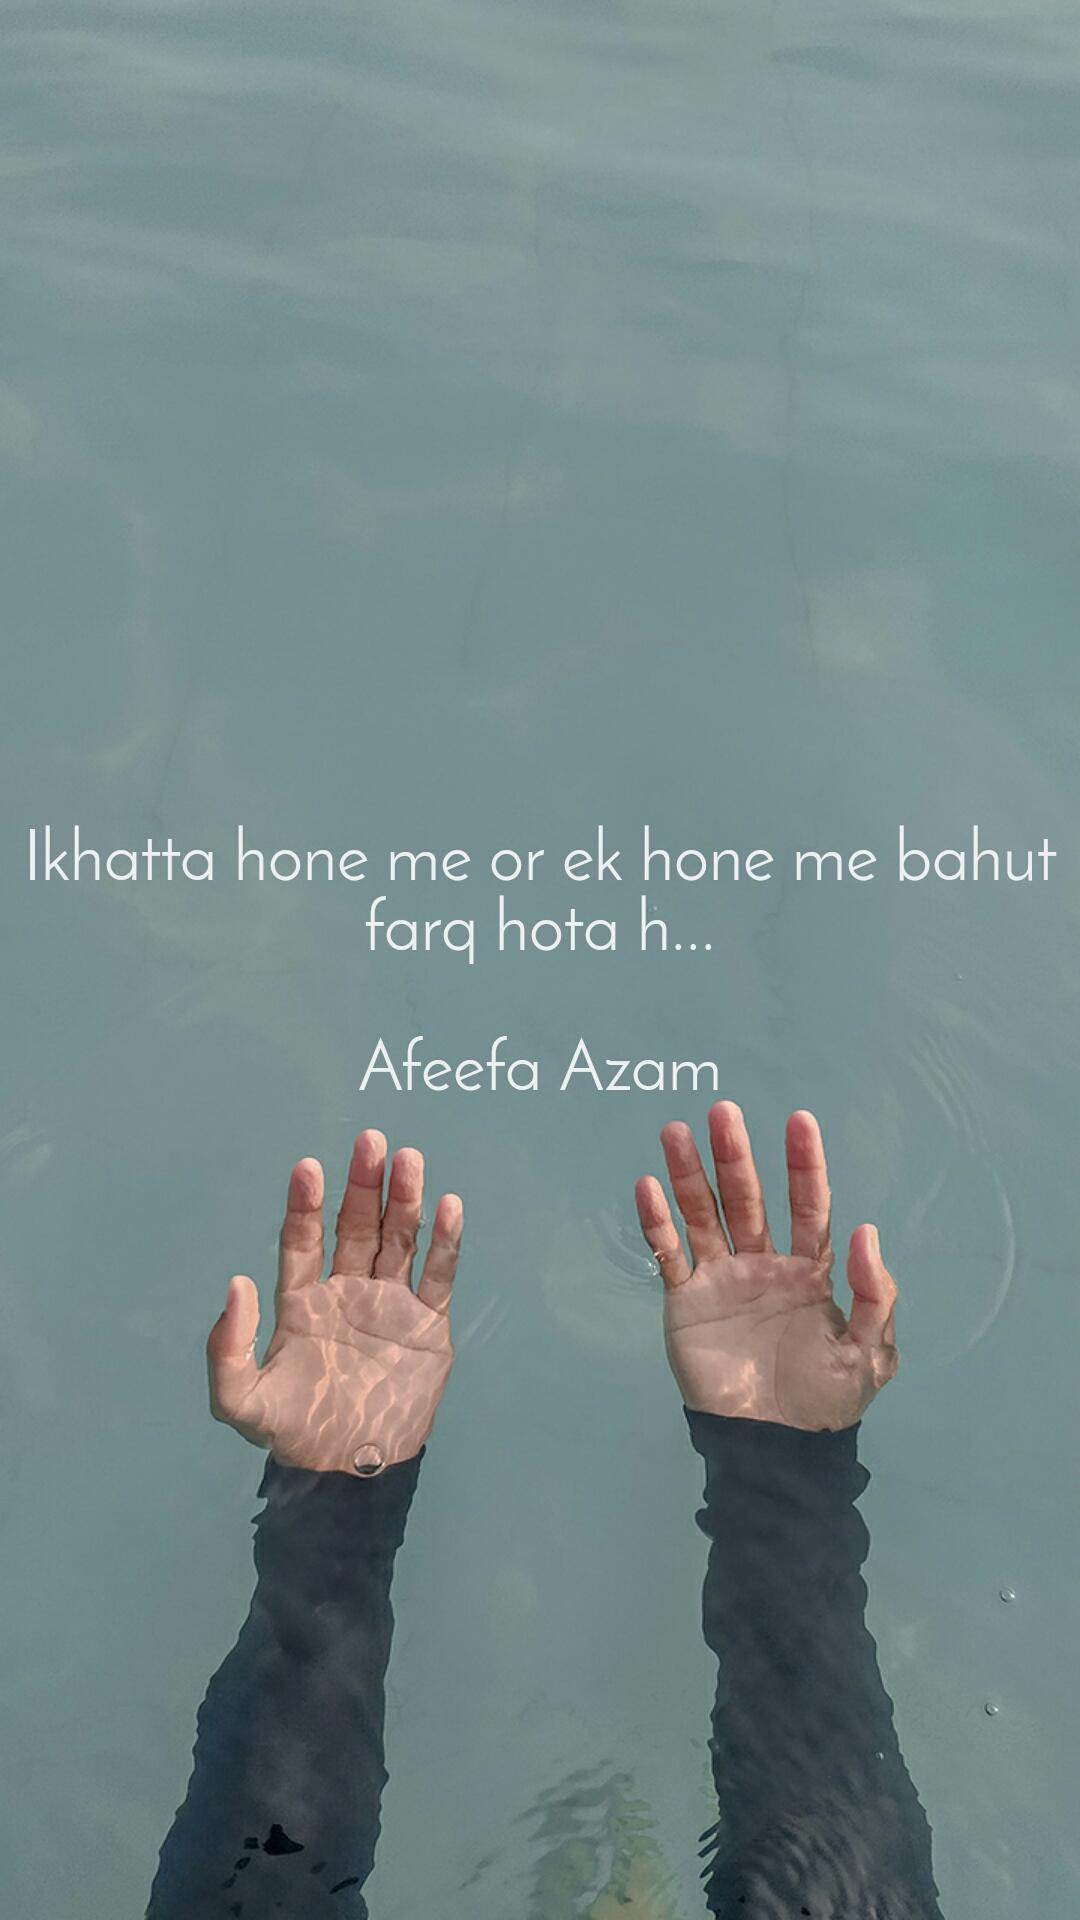 Ikhatta hone me or ek hone me bahut farq hota h...  Afeefa Azam